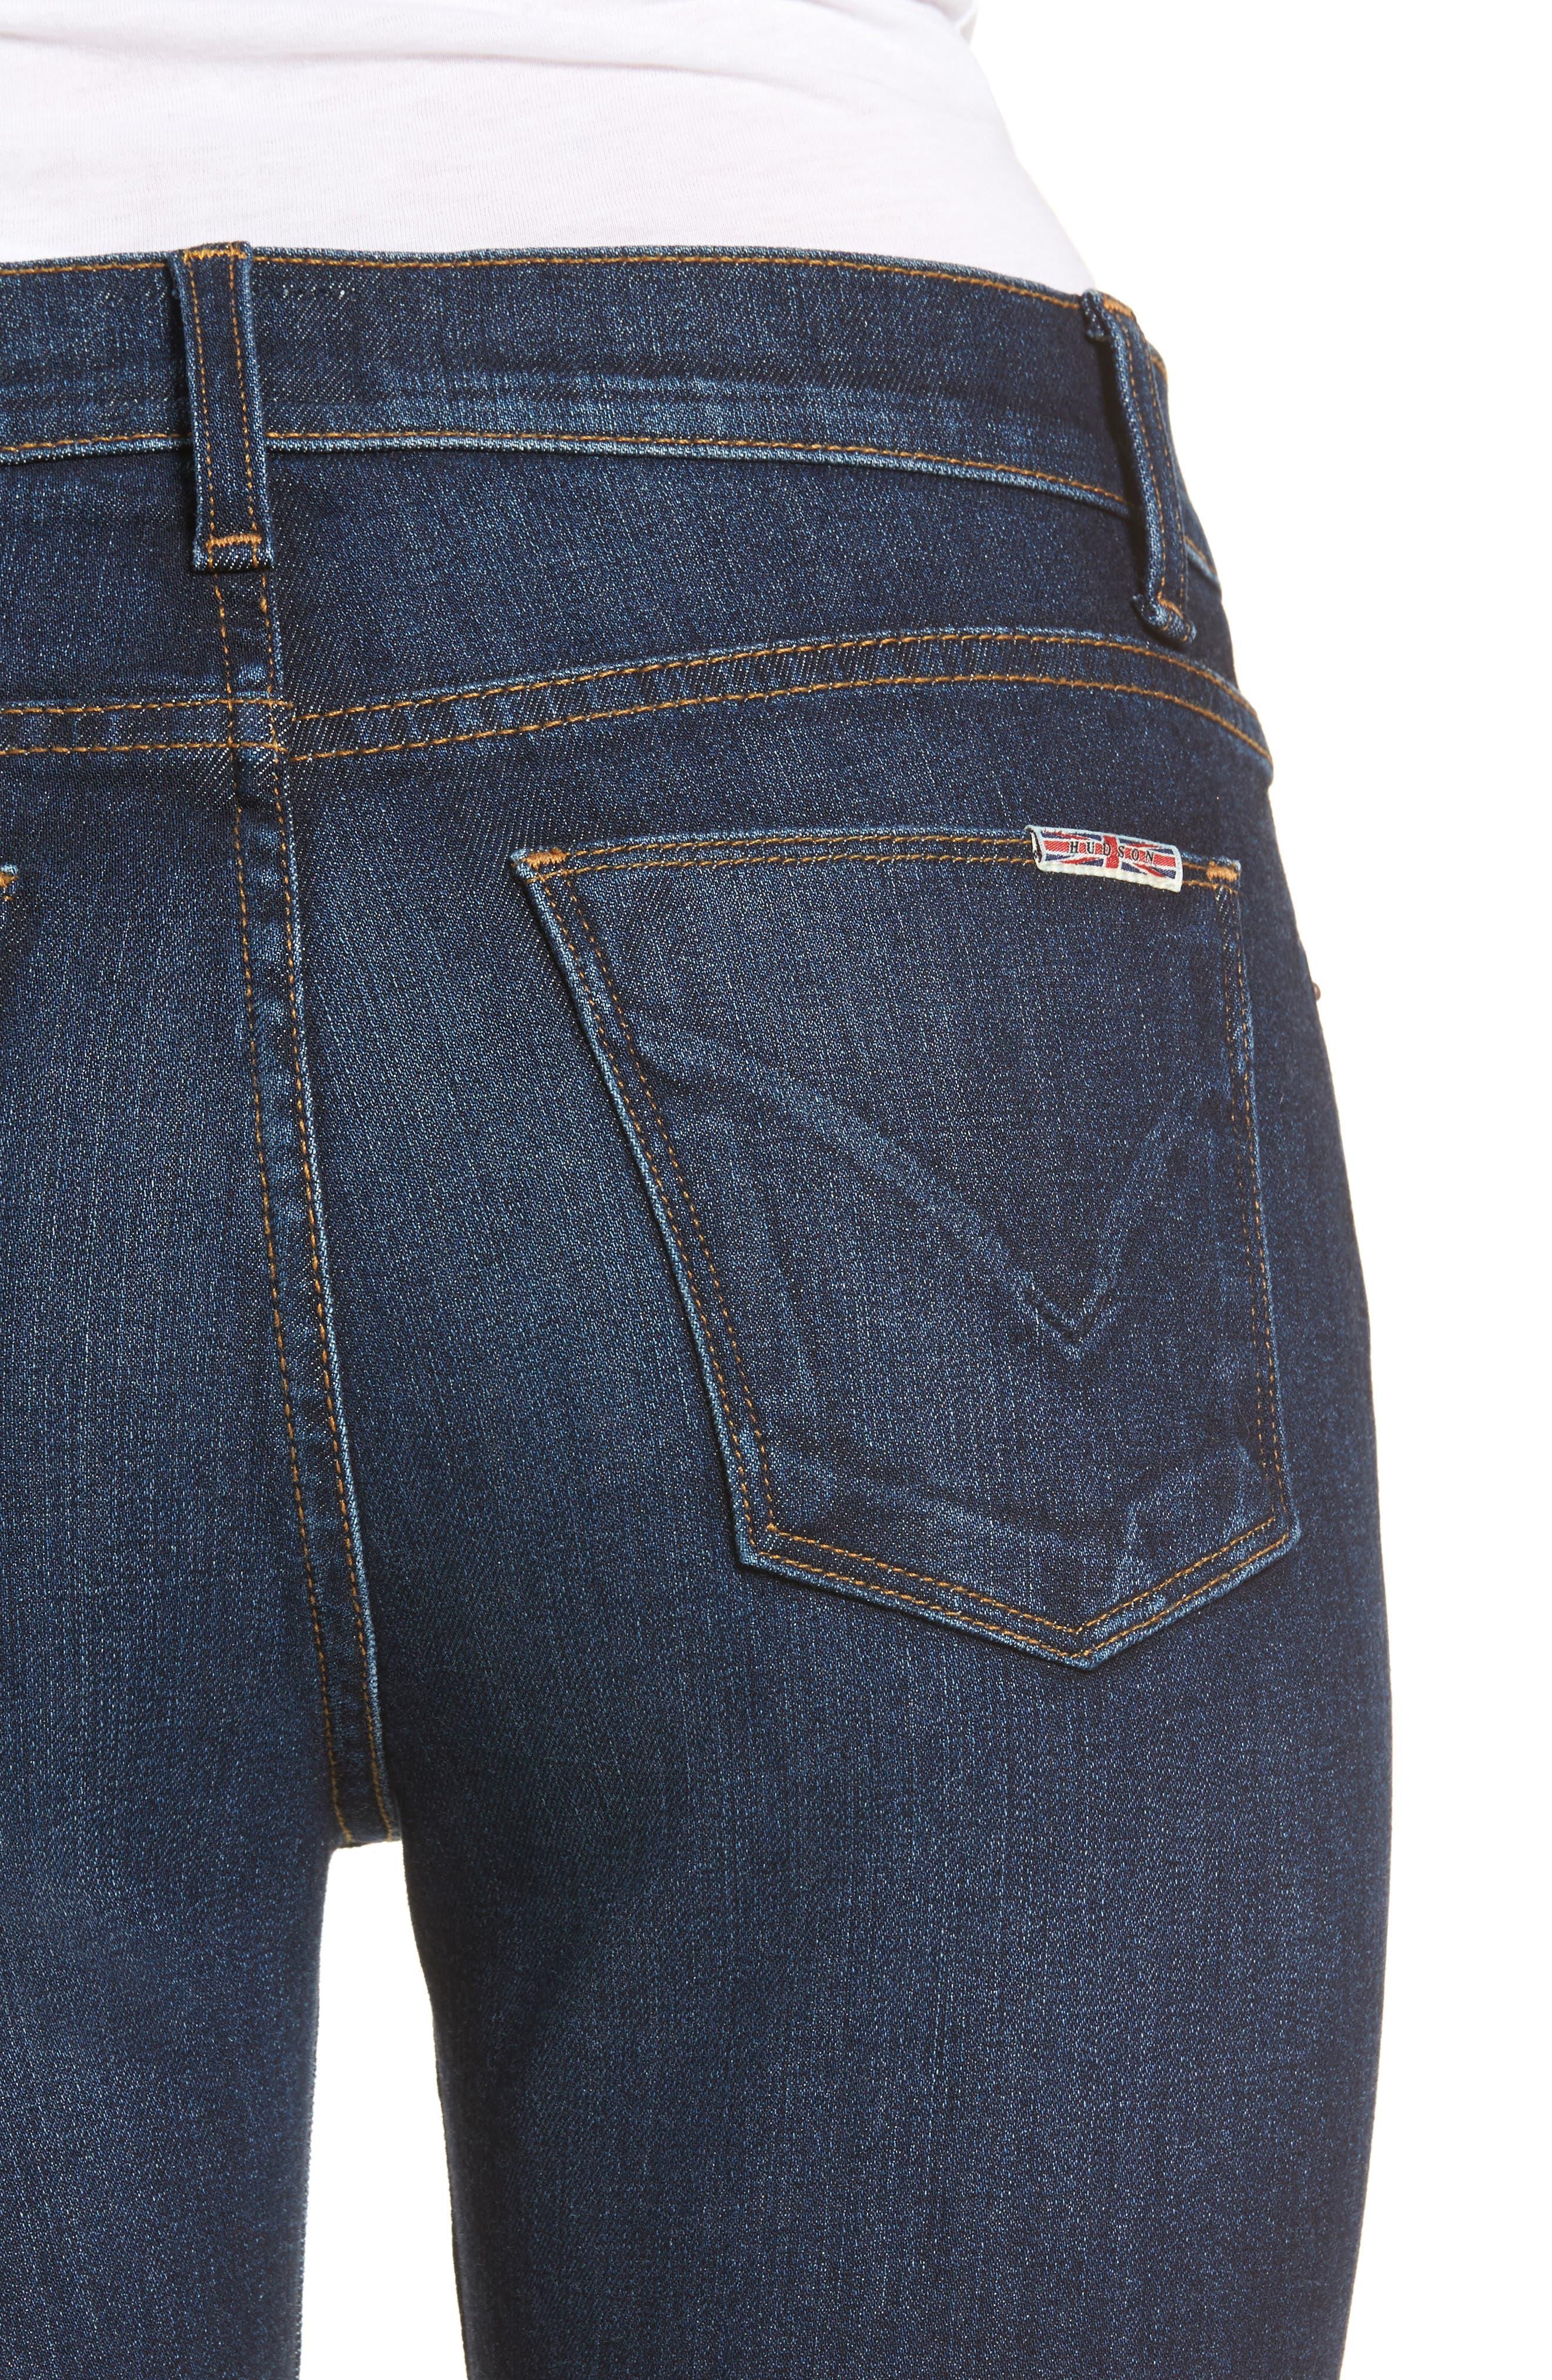 Alternate Image 4  - Hudson Jeans Barbara High Waist Ankle Super Skinny Jeans (Daze)